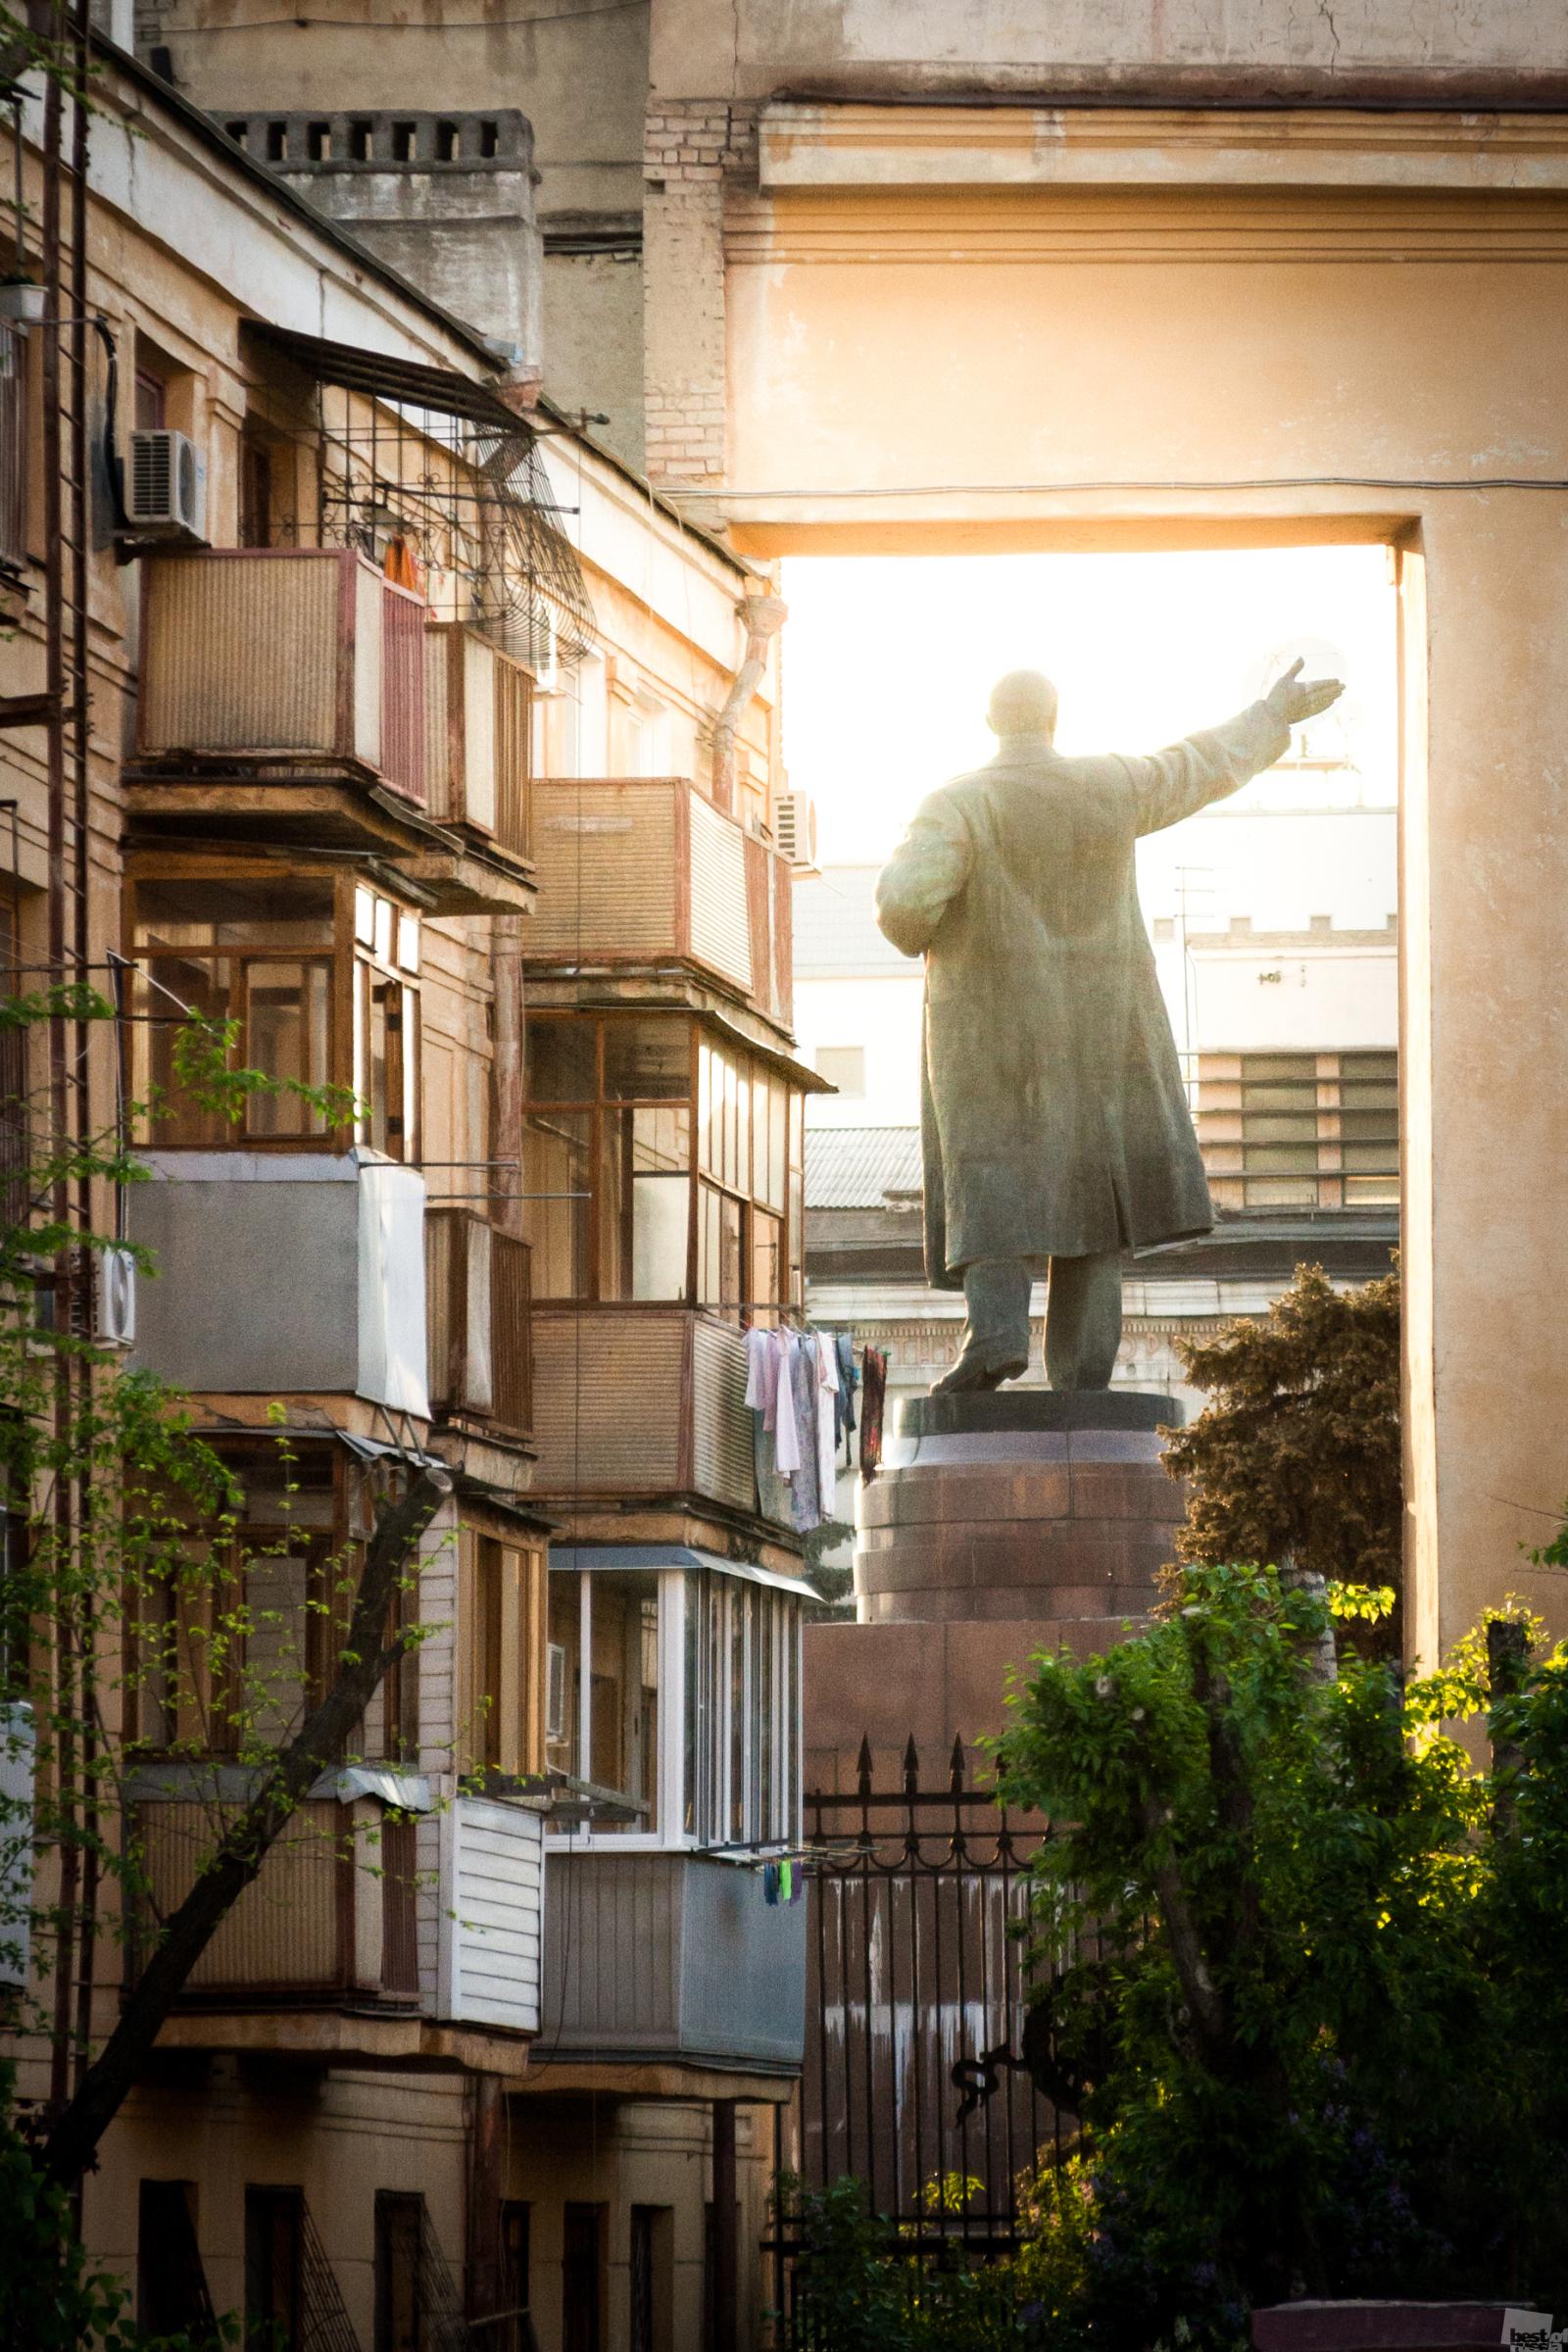 Und trotz des Strebens nach Fortschritt begegnet einem die Vergangenheit auf Schritt und Tritt // Lenin grüßt, Wolgograd